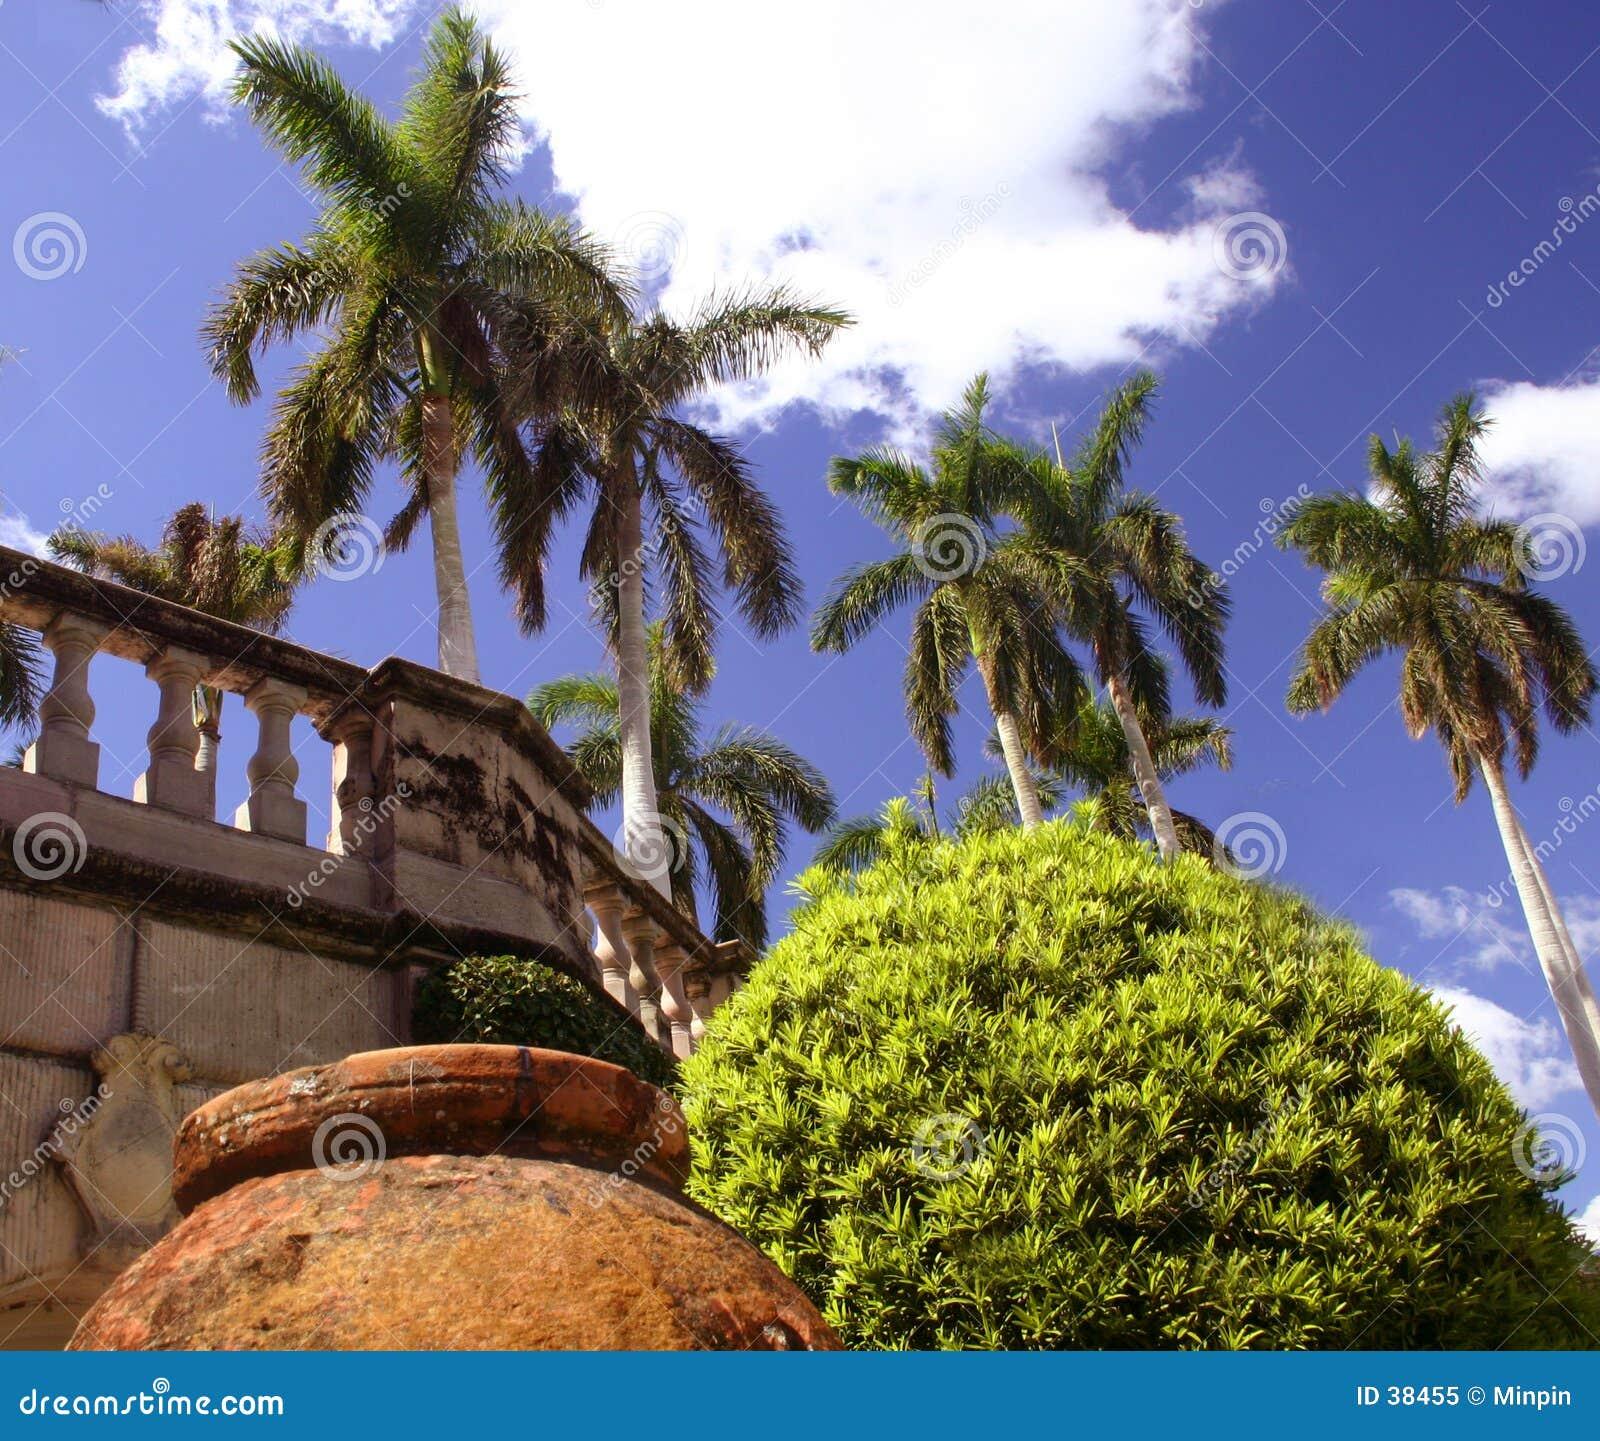 Potenziometer, Baum und Palmen